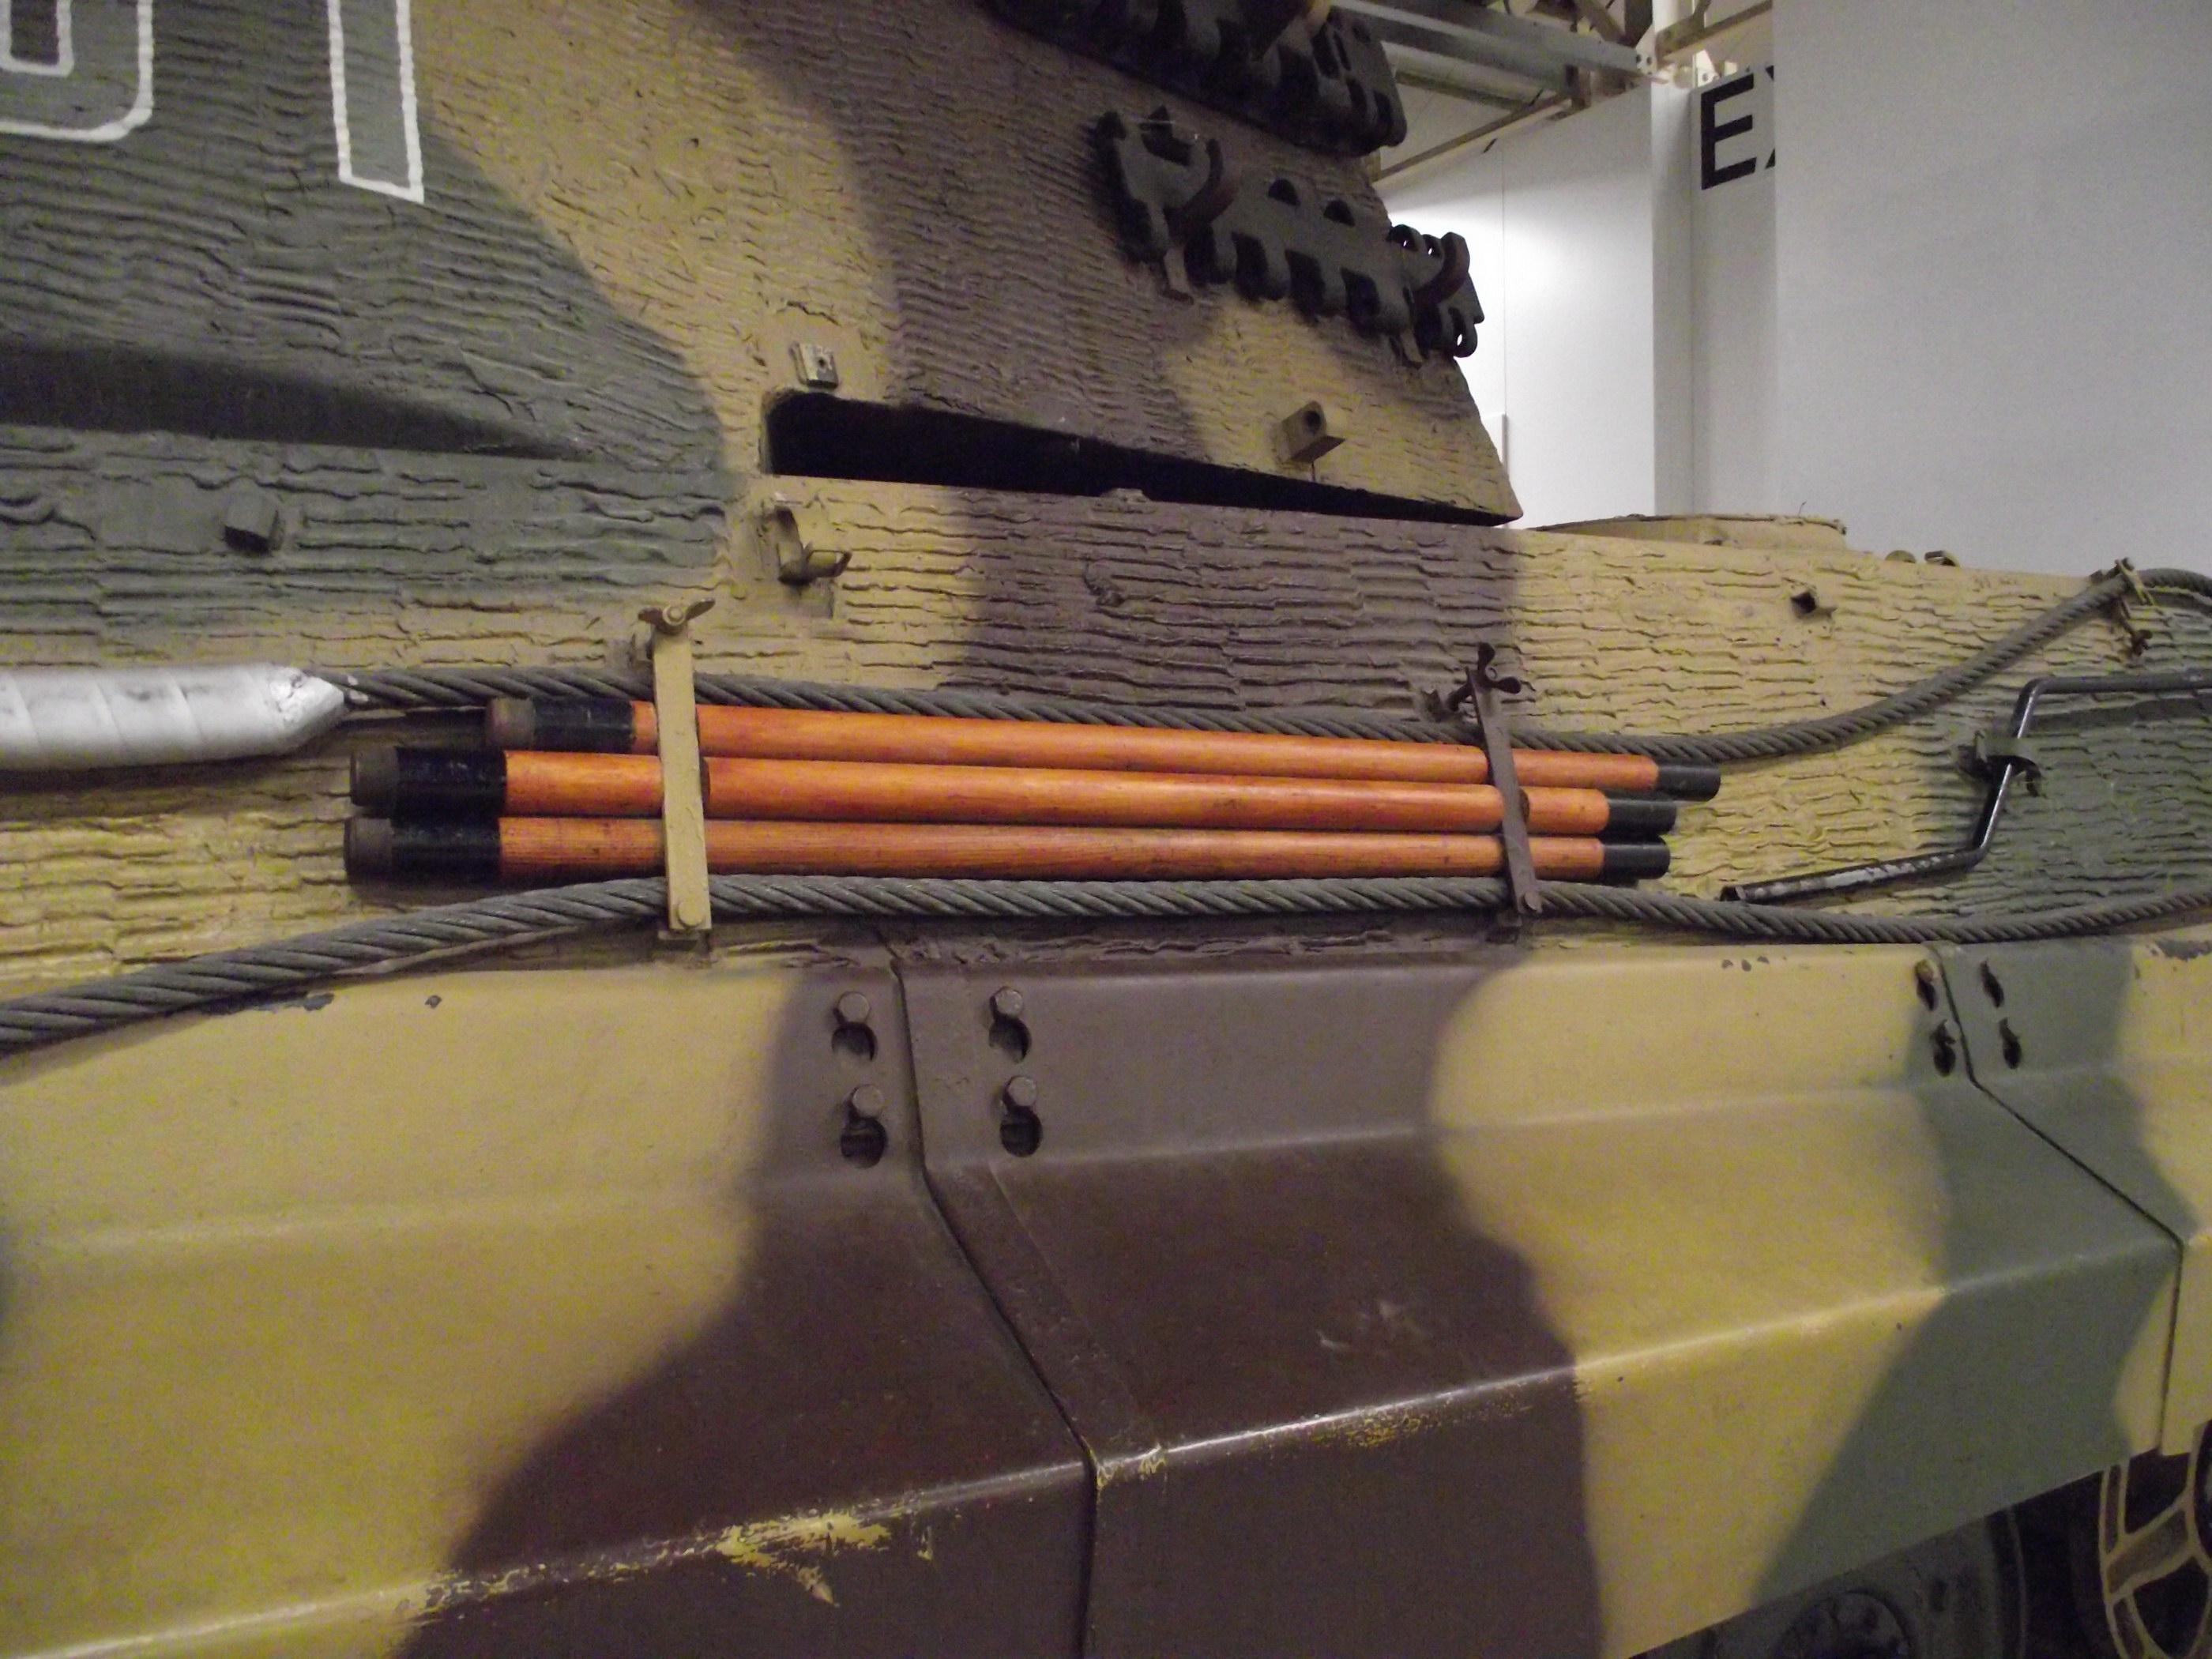 Tank_Museum_20180919_179.jpg